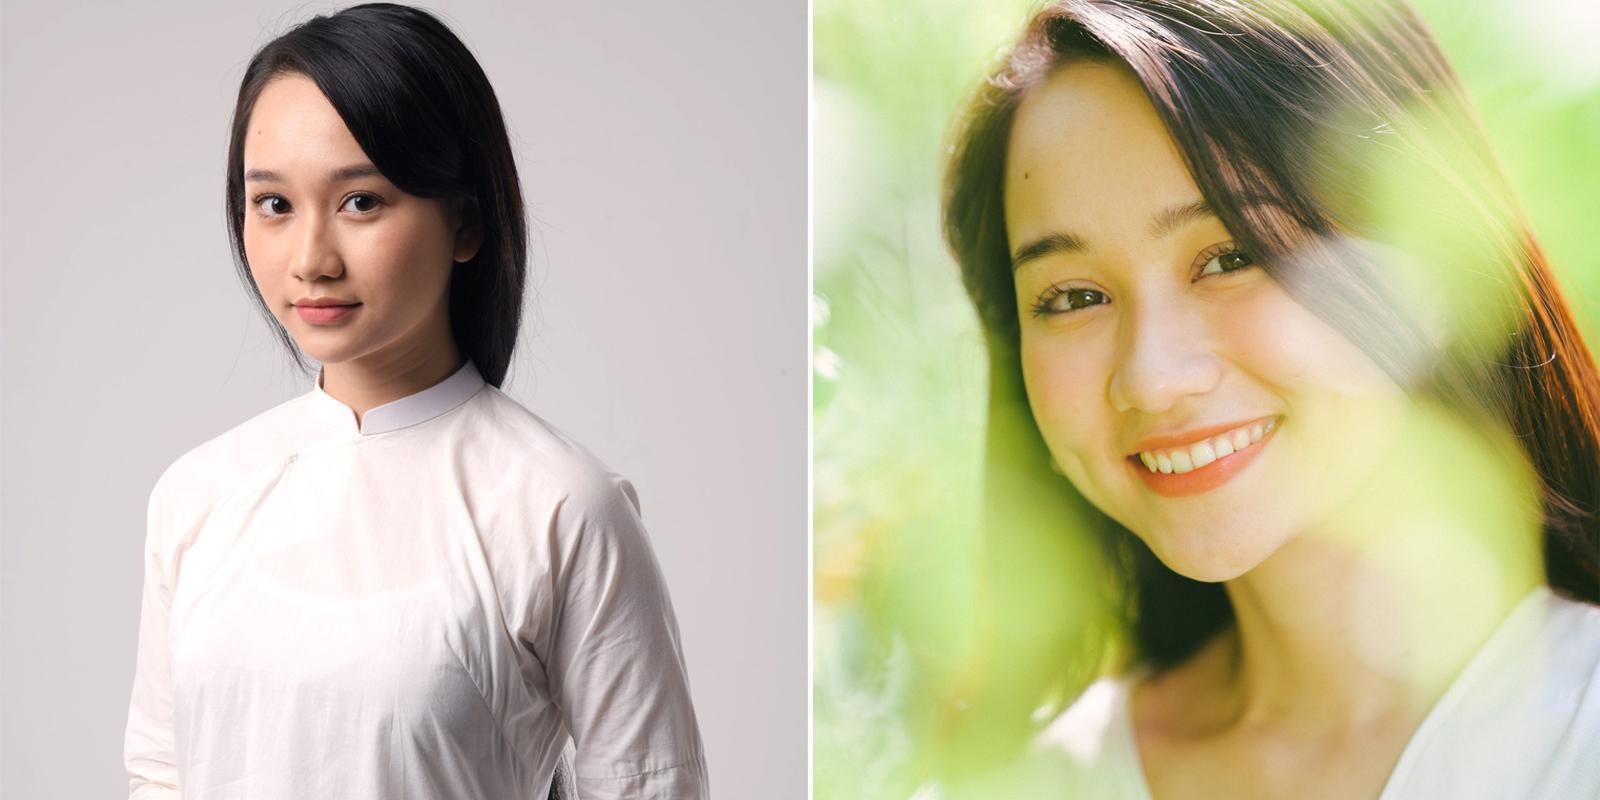 """Nàng """"Mắt Biếc"""" 21 tuổi hot nhất màn ảnh Việt tiết lộ điều bí mật - 8"""